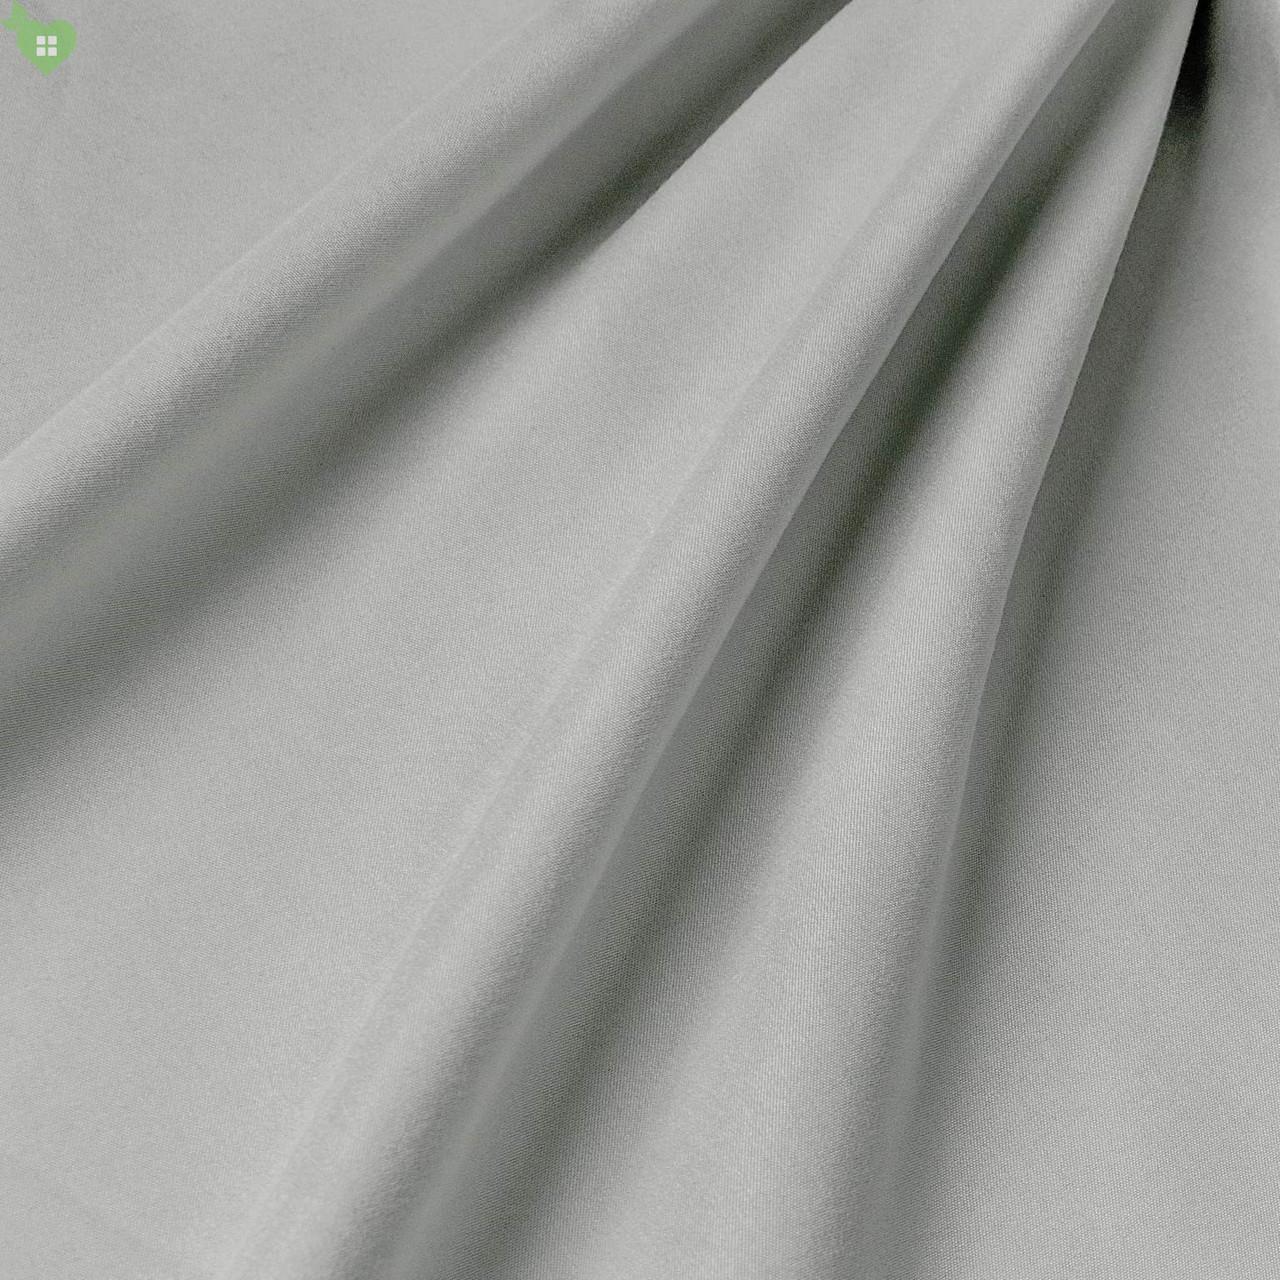 Підкладкова тканина з матовою фактурою перламутрового темно-сірого кольору Іспанія 83327v30